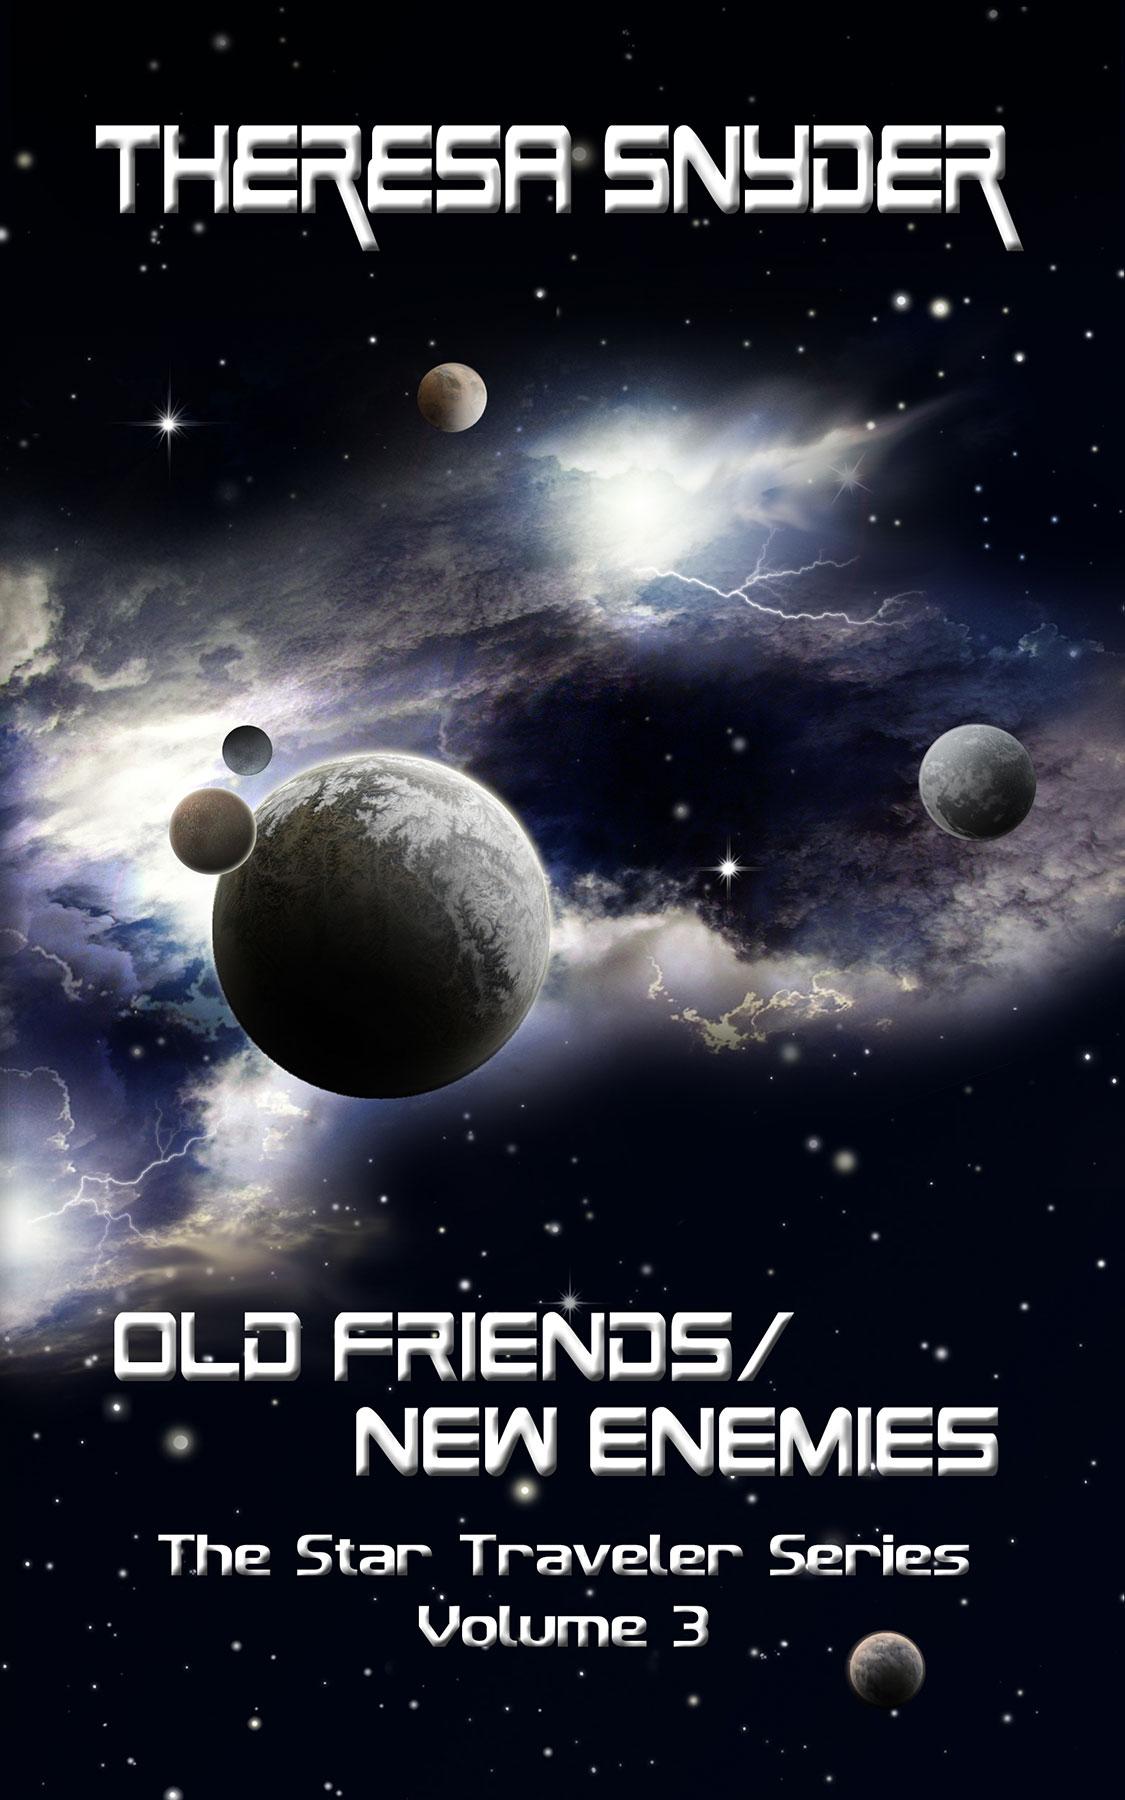 Old Friends, New Enemies